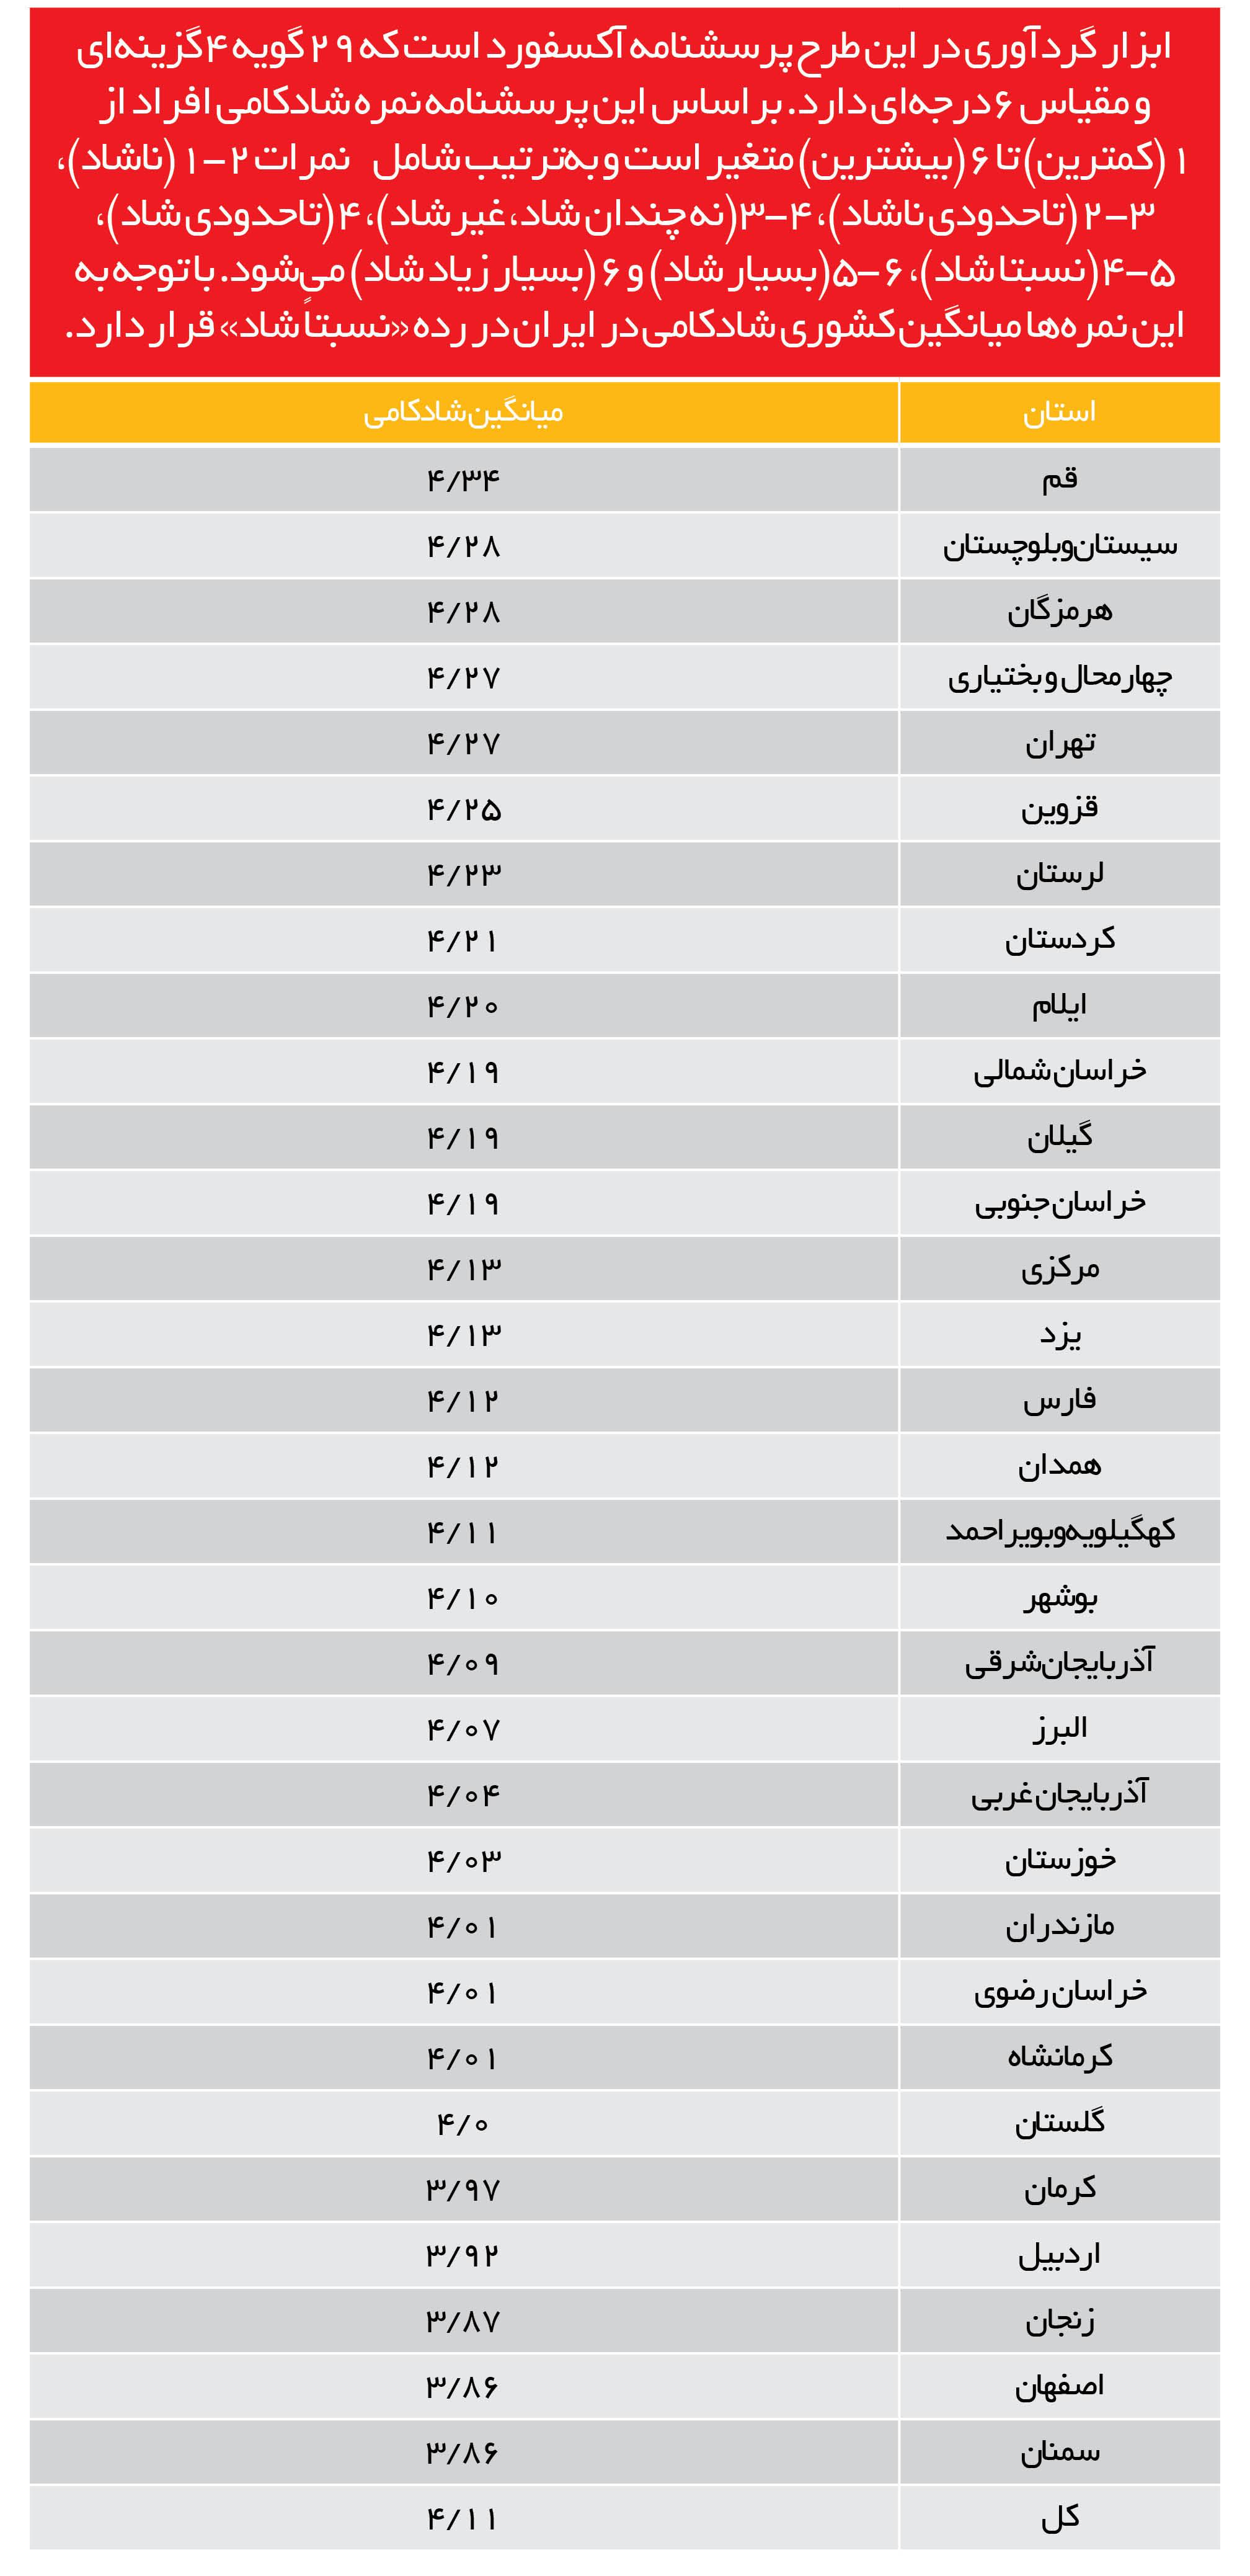 جغرافیای شادکامی در ایران/ تاثیر شغل و درآمد در شادکامی افراد